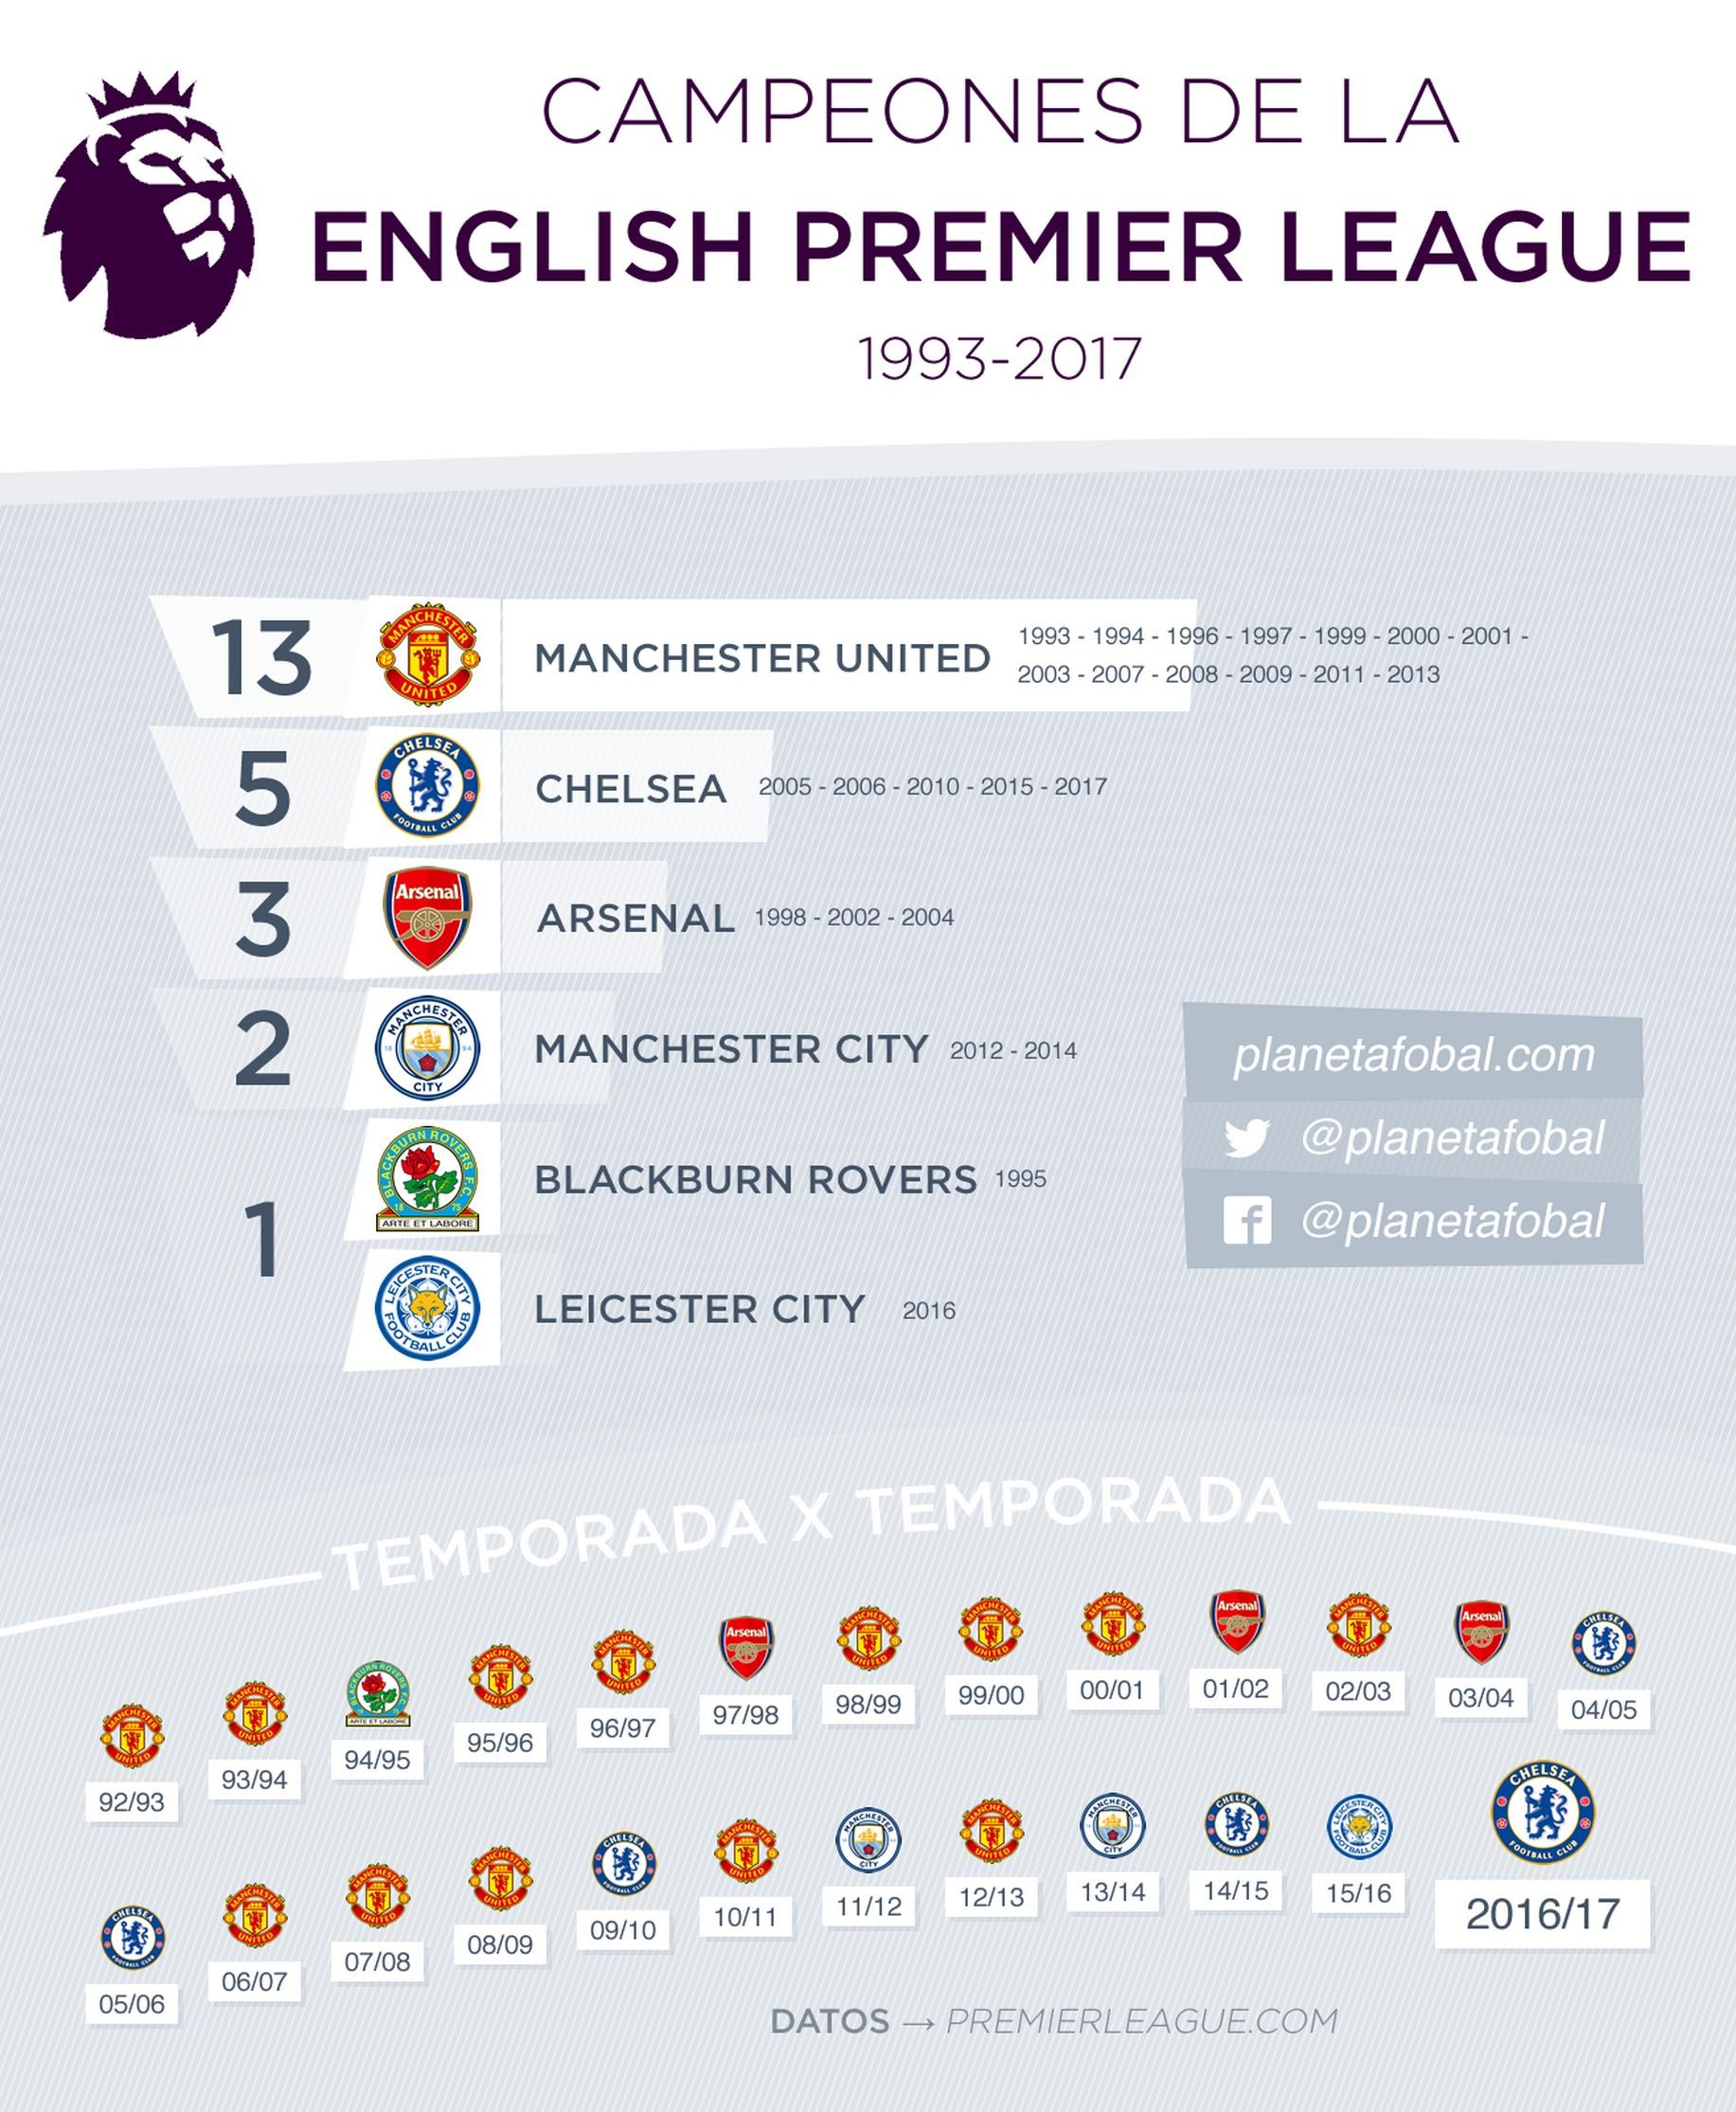 Todos los campeones de la Premier League de Inglaterra